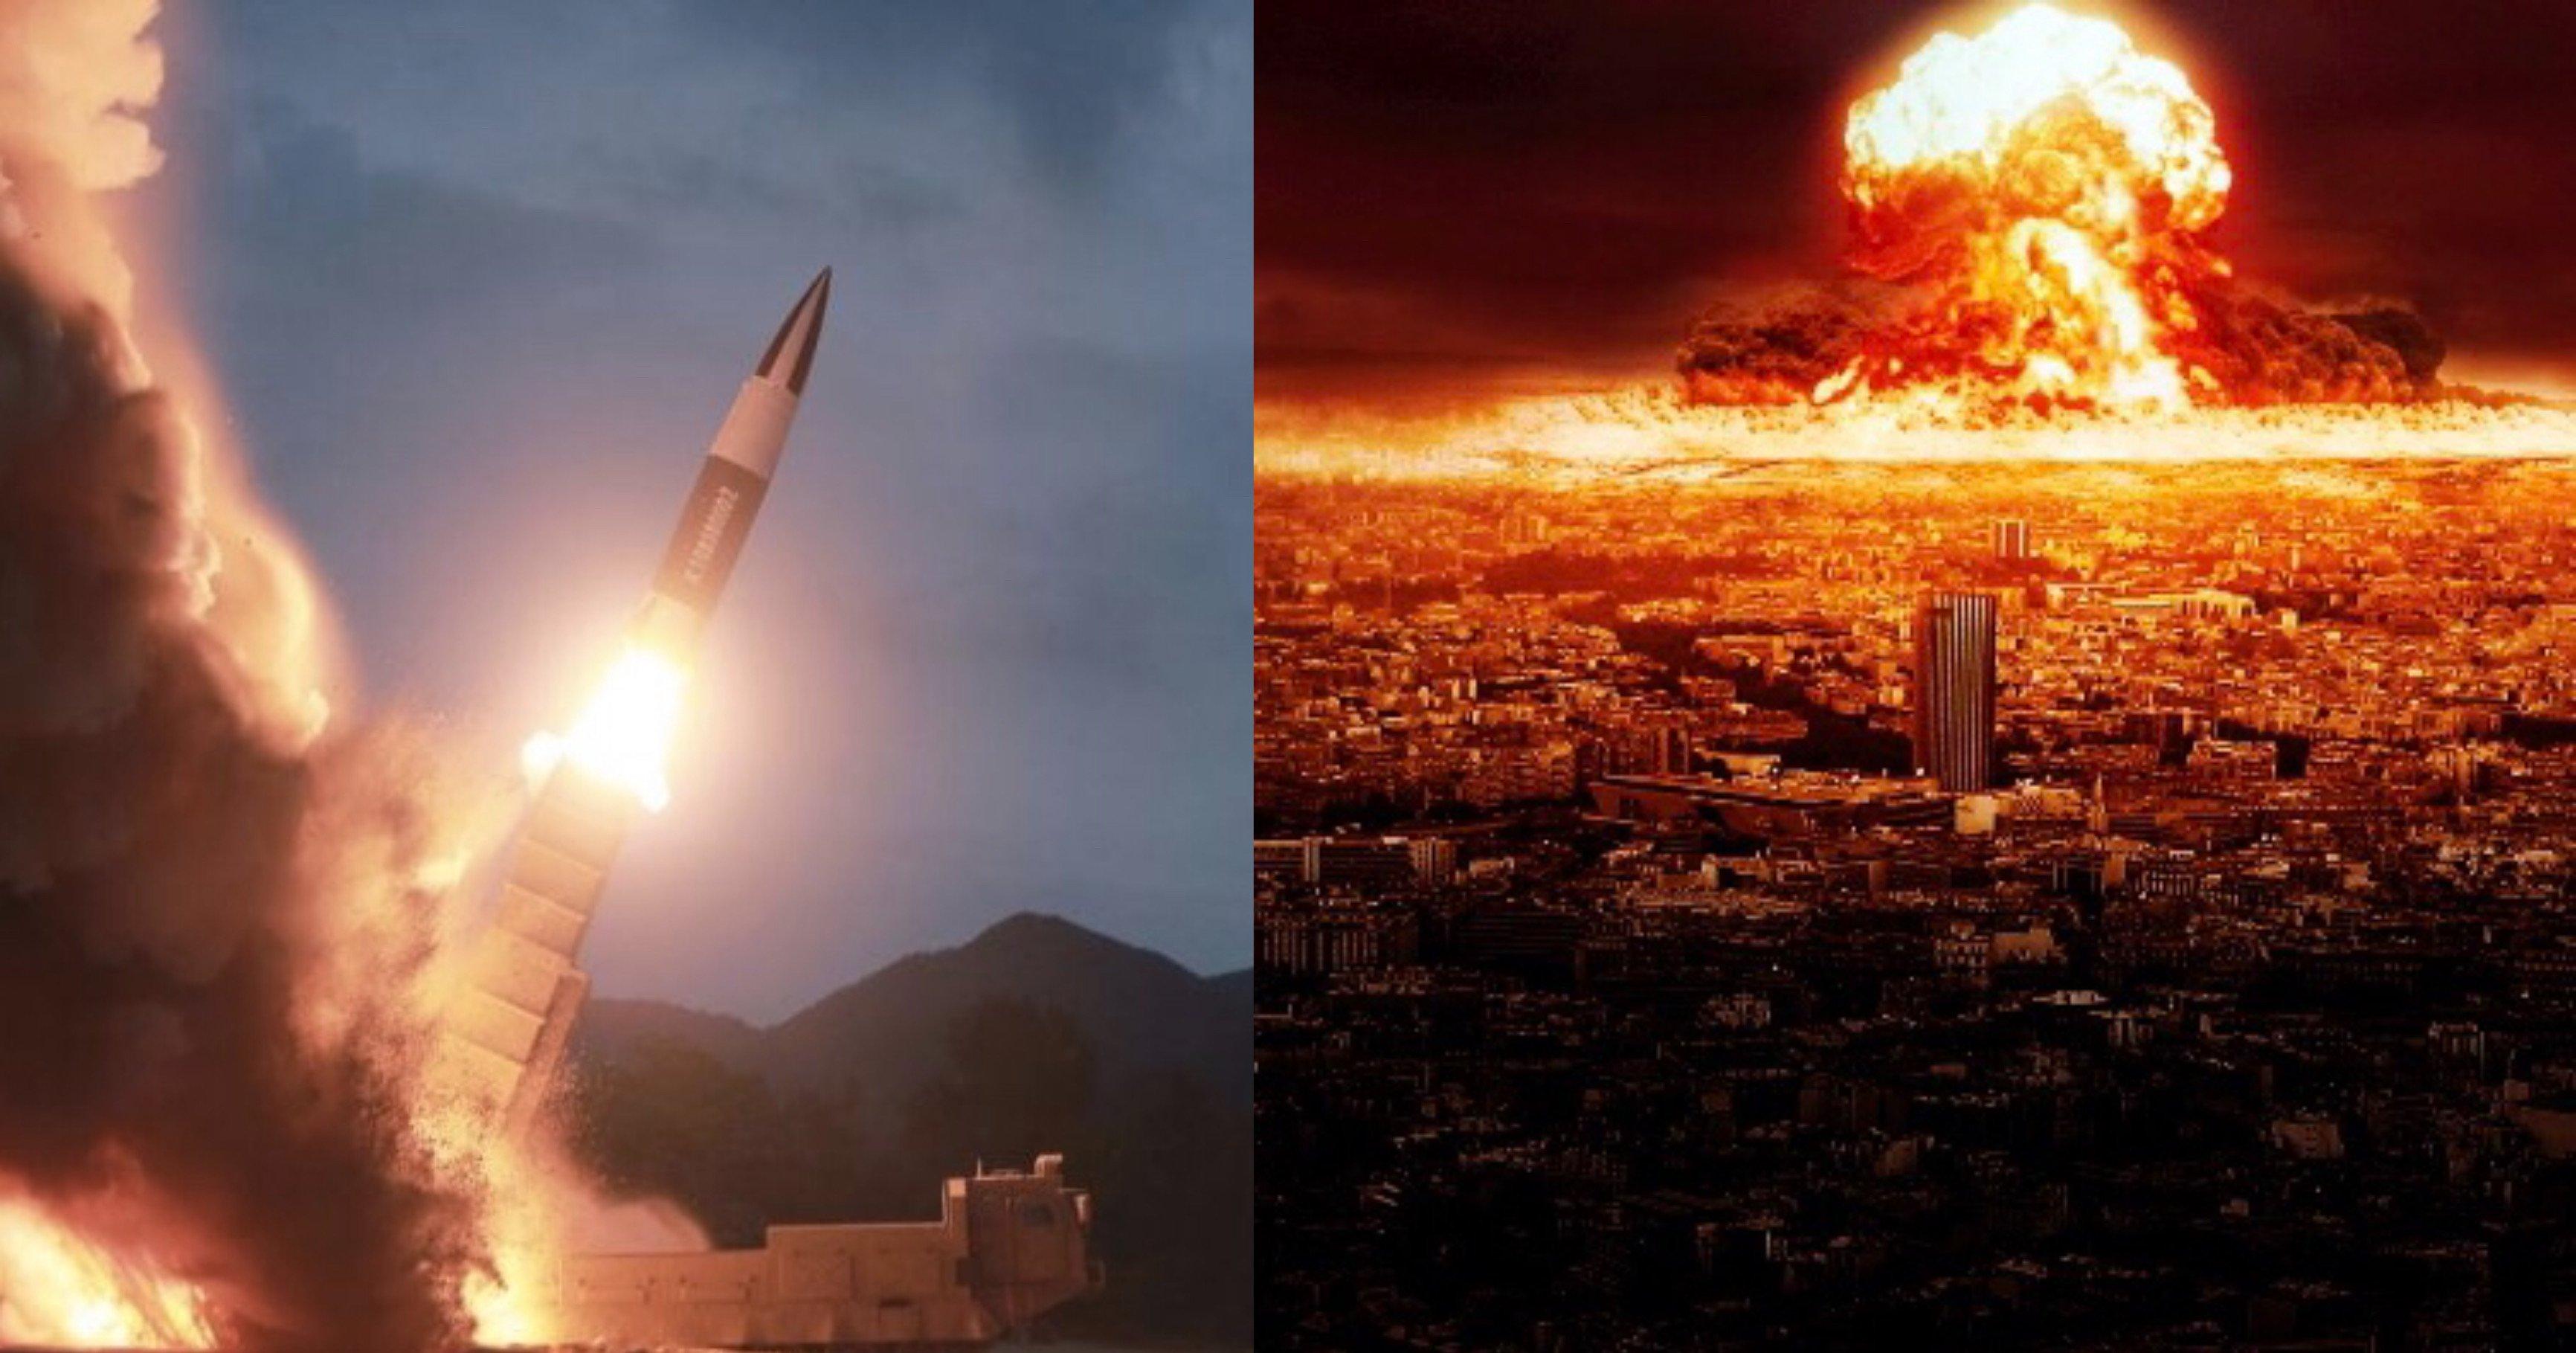 """c0a3e331 6984 4dab b16b 1bd671b240d9.jpeg?resize=1200,630 - """"서울에 '핵폭탄' 떨어지면 이렇게 된다고...?""""...공개 되자마자 조회수 폭발한 '핵폭탄' 가상 시뮬레이션 영상"""